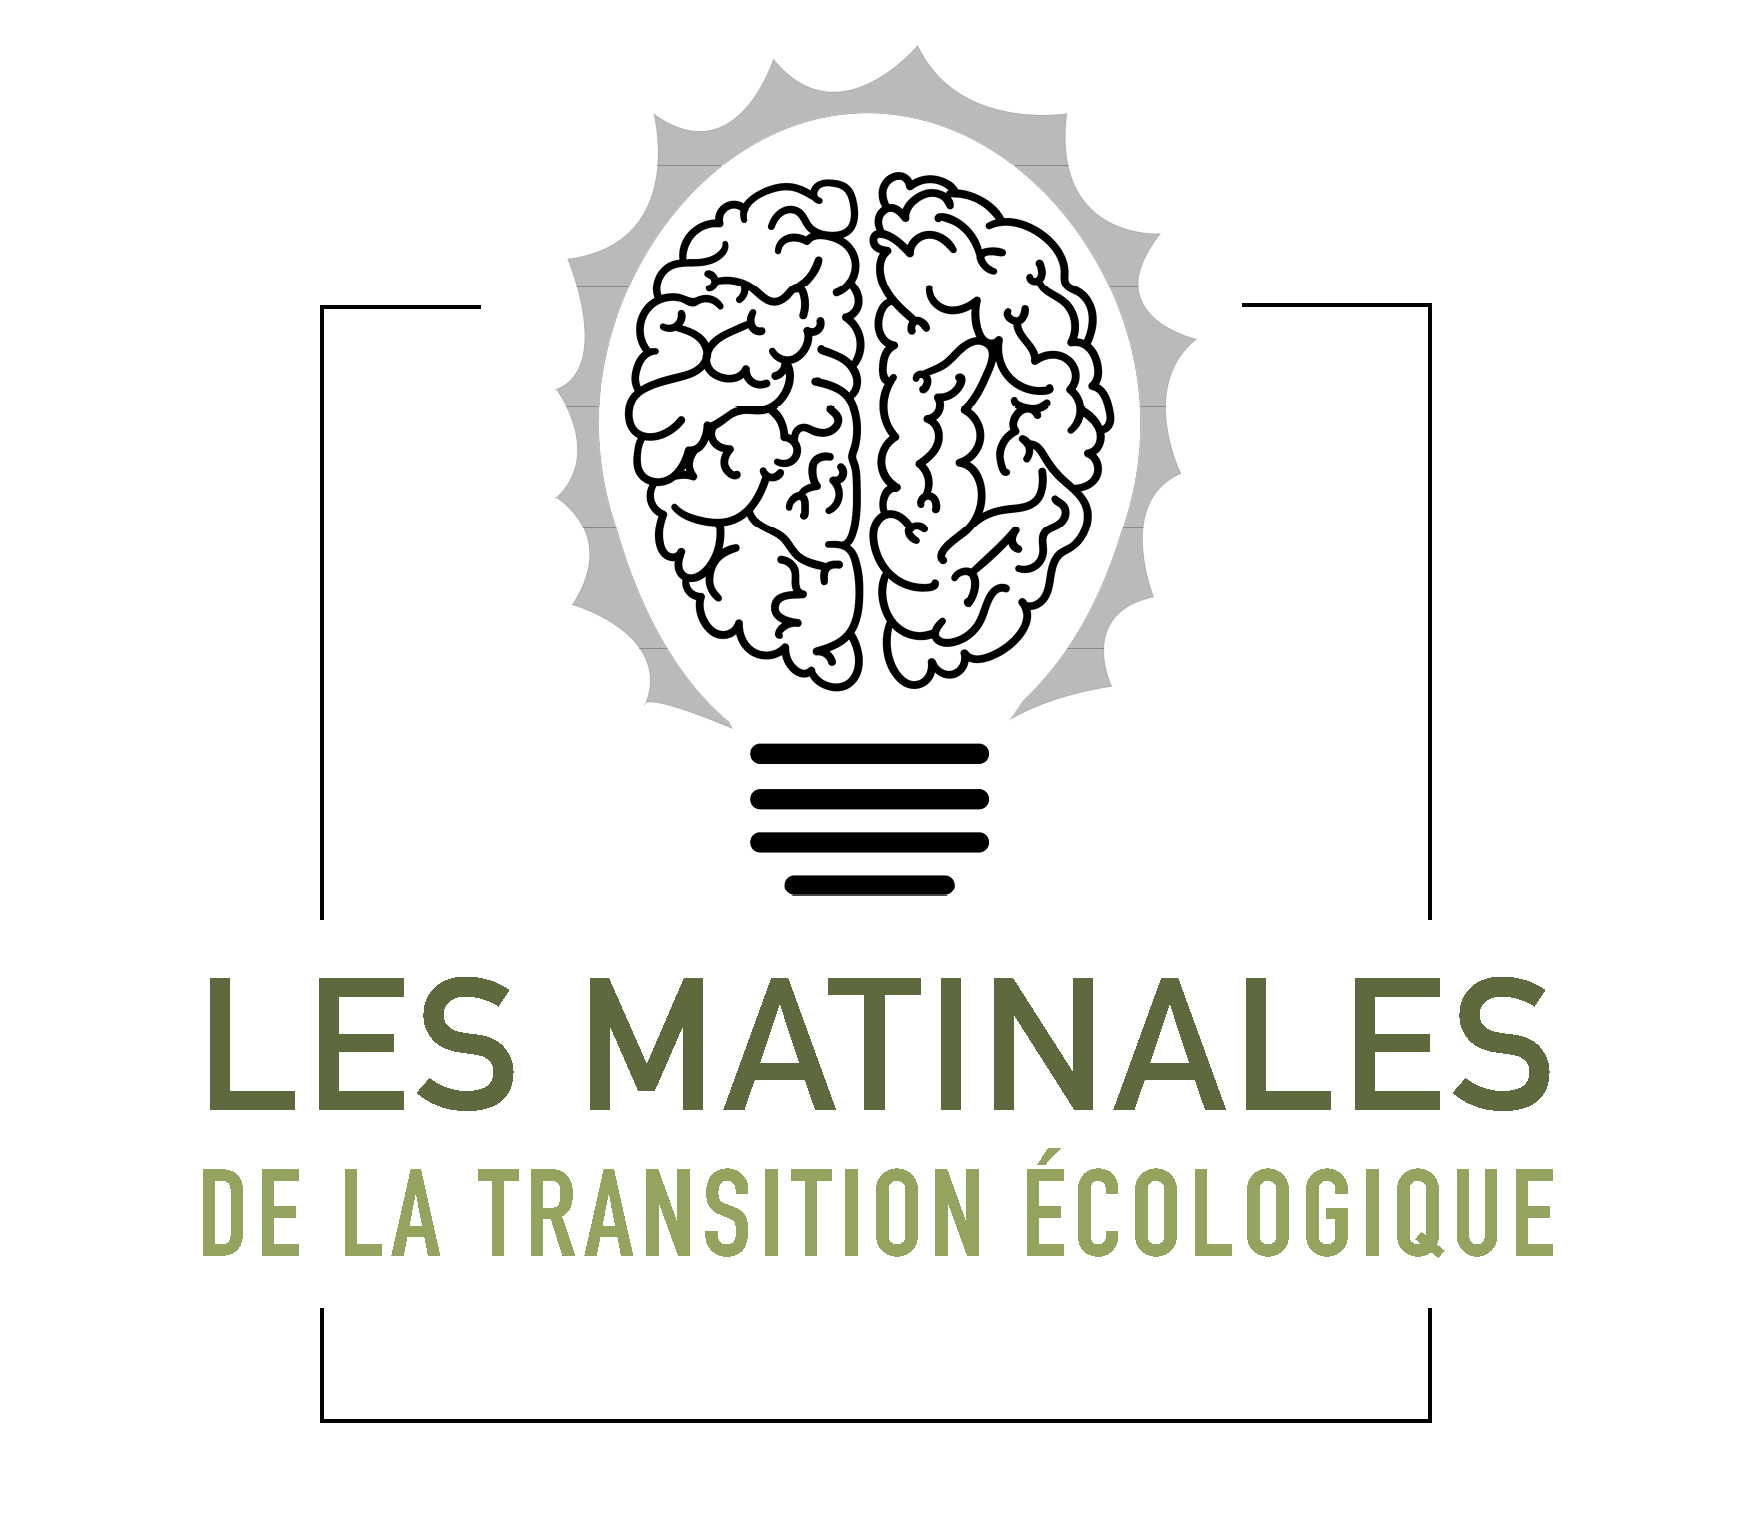 Matinales de la transition écologique : logo